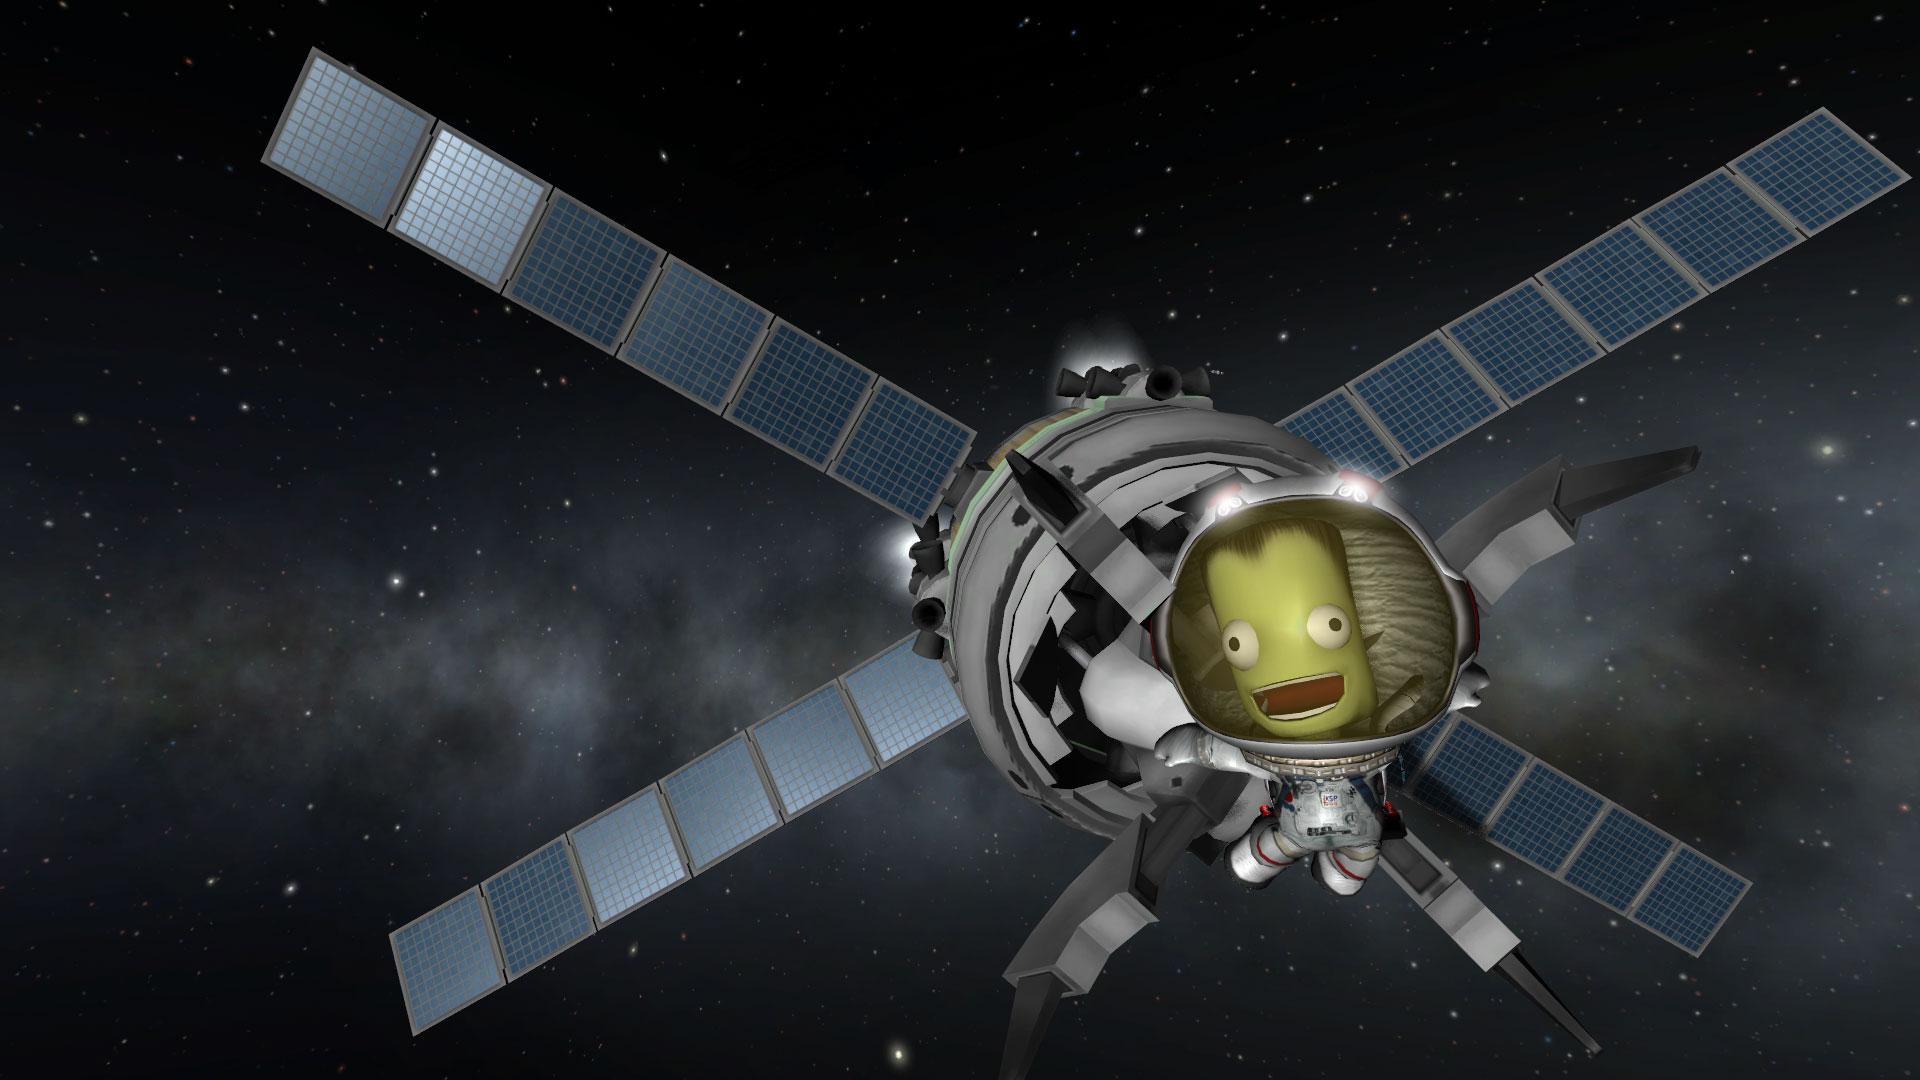 Kerbal Space Program: Bringing rocket science to games